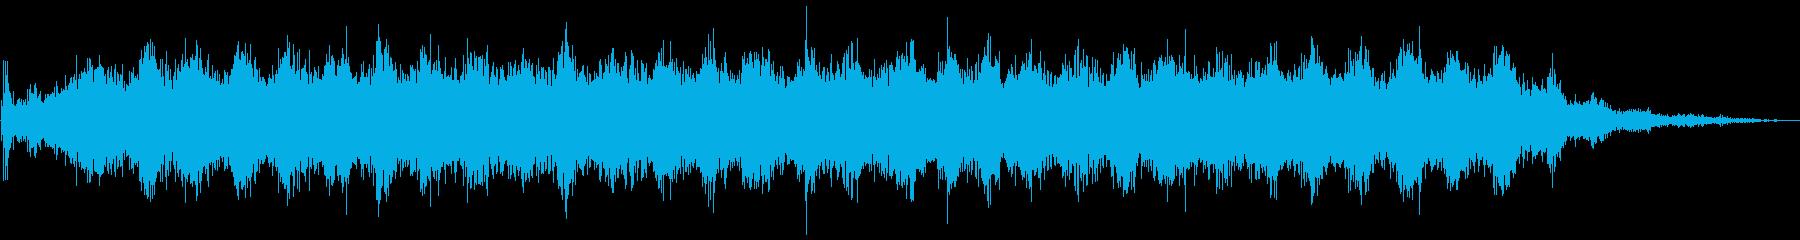 ヴイーン(料理ミキサーの音)の再生済みの波形